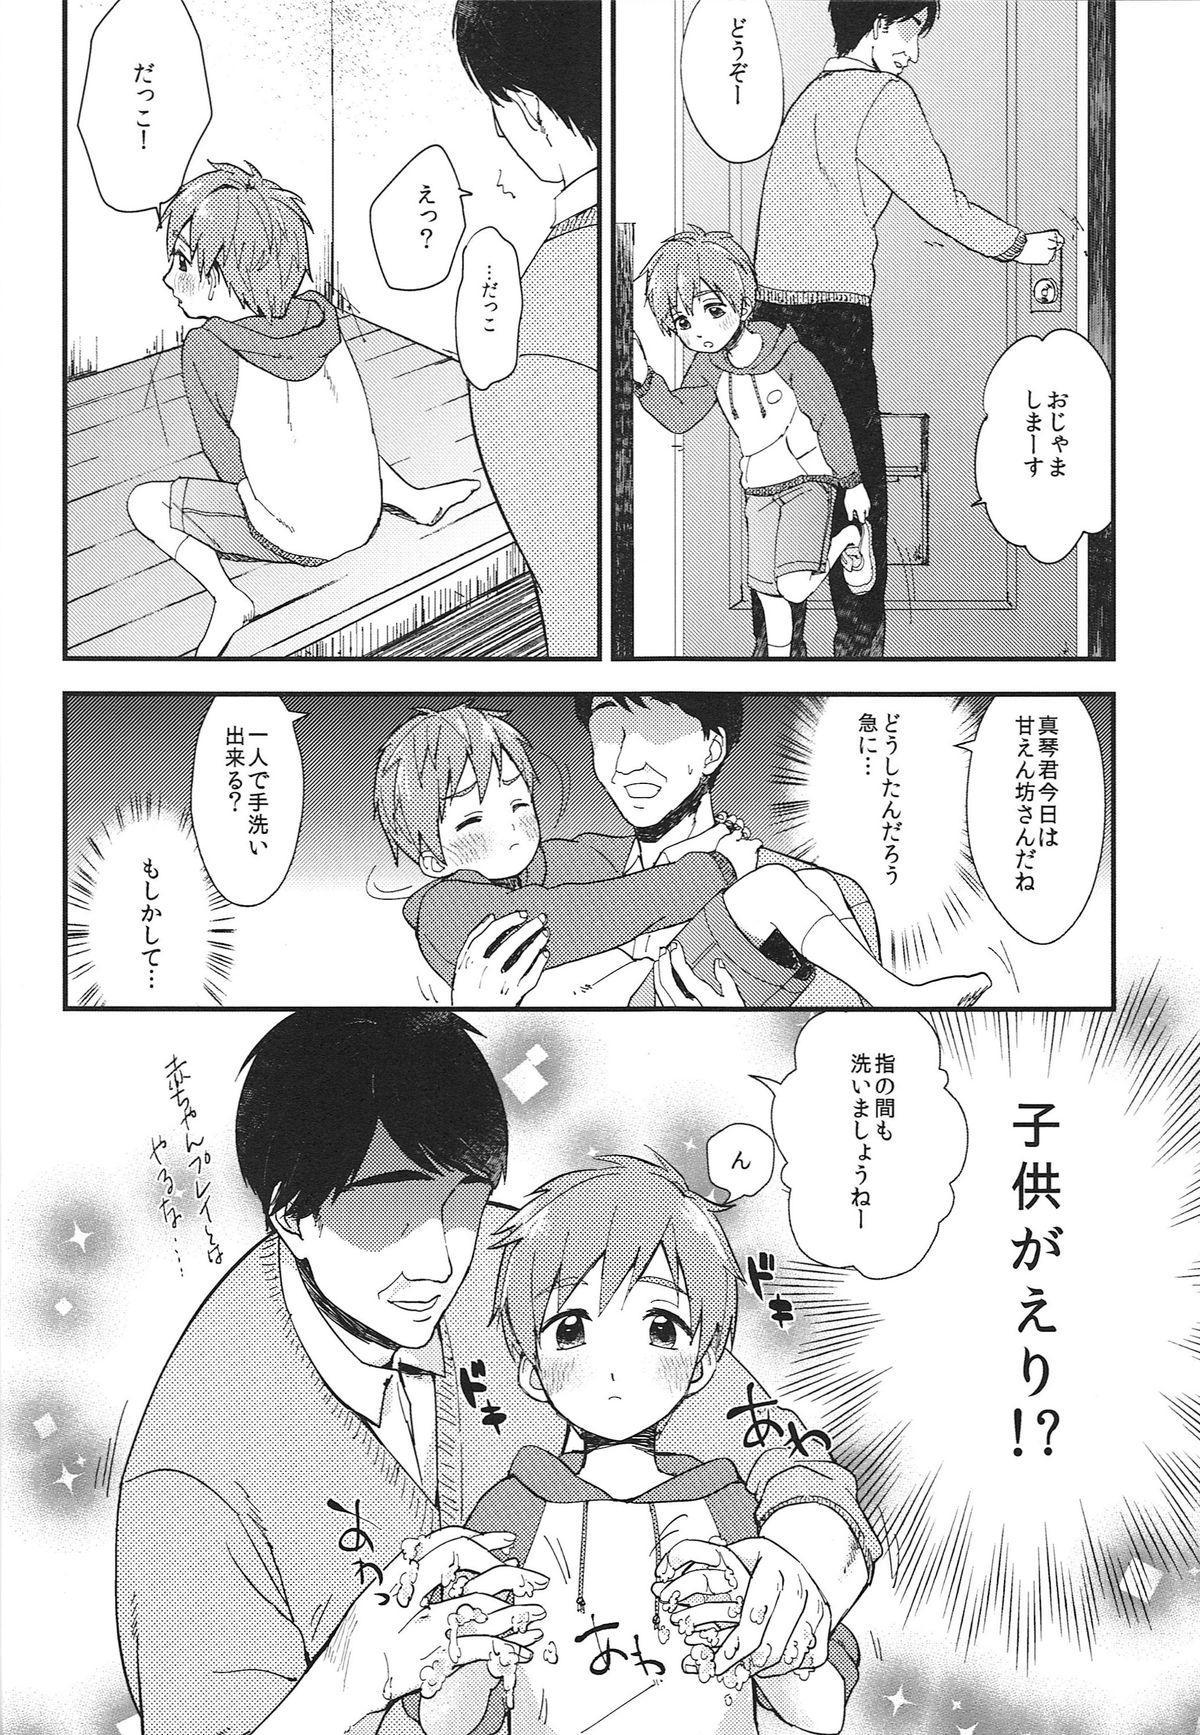 Onii-chan ni Naritakunai Yamai 10